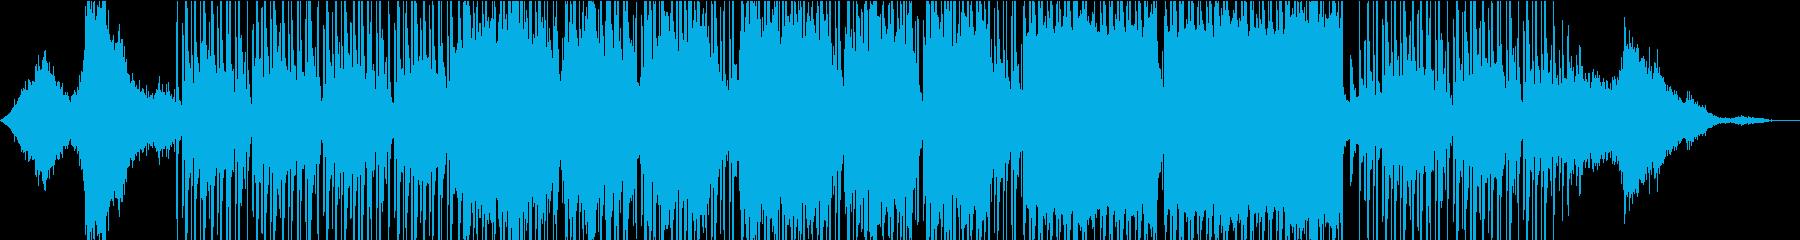 南国風の男女ボーカルがラララで歌う曲の再生済みの波形